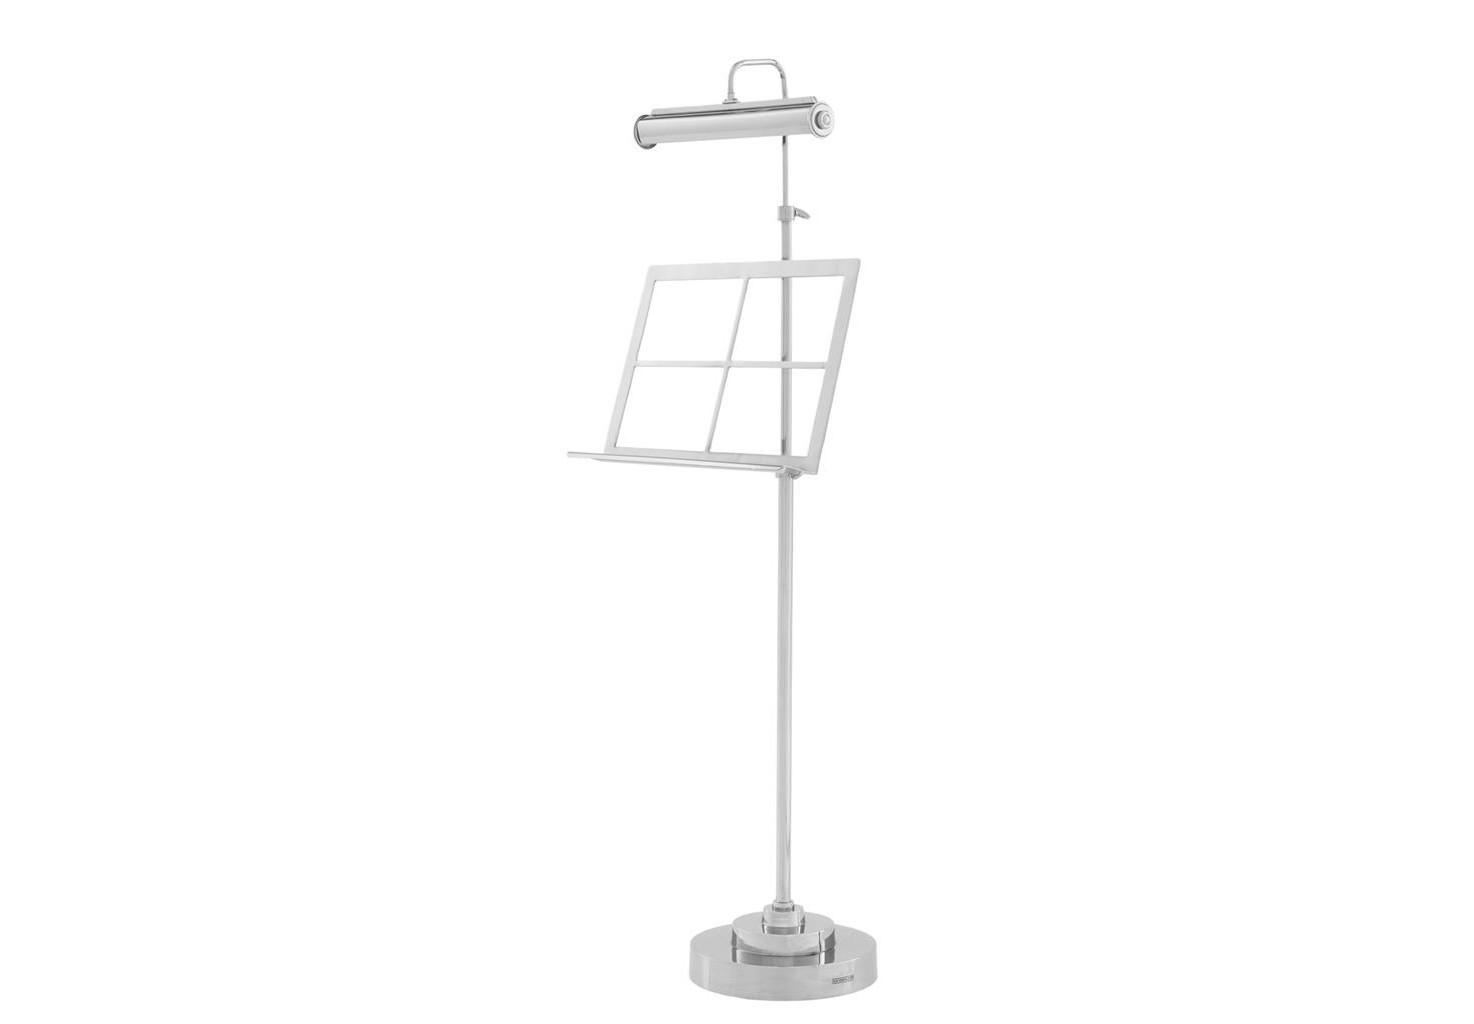 Настольная лампа Stand HigginsДекоративные лампы<br>Лампа для рабочего стола c подставкой для книг Book Stand Higgins с регулируемой лампой. Выполнена из никелированного металла. Высота регулируется от 199 см до 167 см.&amp;lt;div&amp;gt;&amp;lt;br&amp;gt;&amp;lt;/div&amp;gt;&amp;lt;div&amp;gt;&amp;lt;div&amp;gt;Тип цоколя: E14&amp;lt;/div&amp;gt;&amp;lt;div&amp;gt;Мощность: 40W&amp;lt;/div&amp;gt;&amp;lt;div&amp;gt;Кол-во ламп: 2 (нет в комплекте)&amp;lt;/div&amp;gt;&amp;lt;/div&amp;gt;<br><br>Material: Металл<br>Ширина см: 26<br>Высота см: 167<br>Глубина см: 25